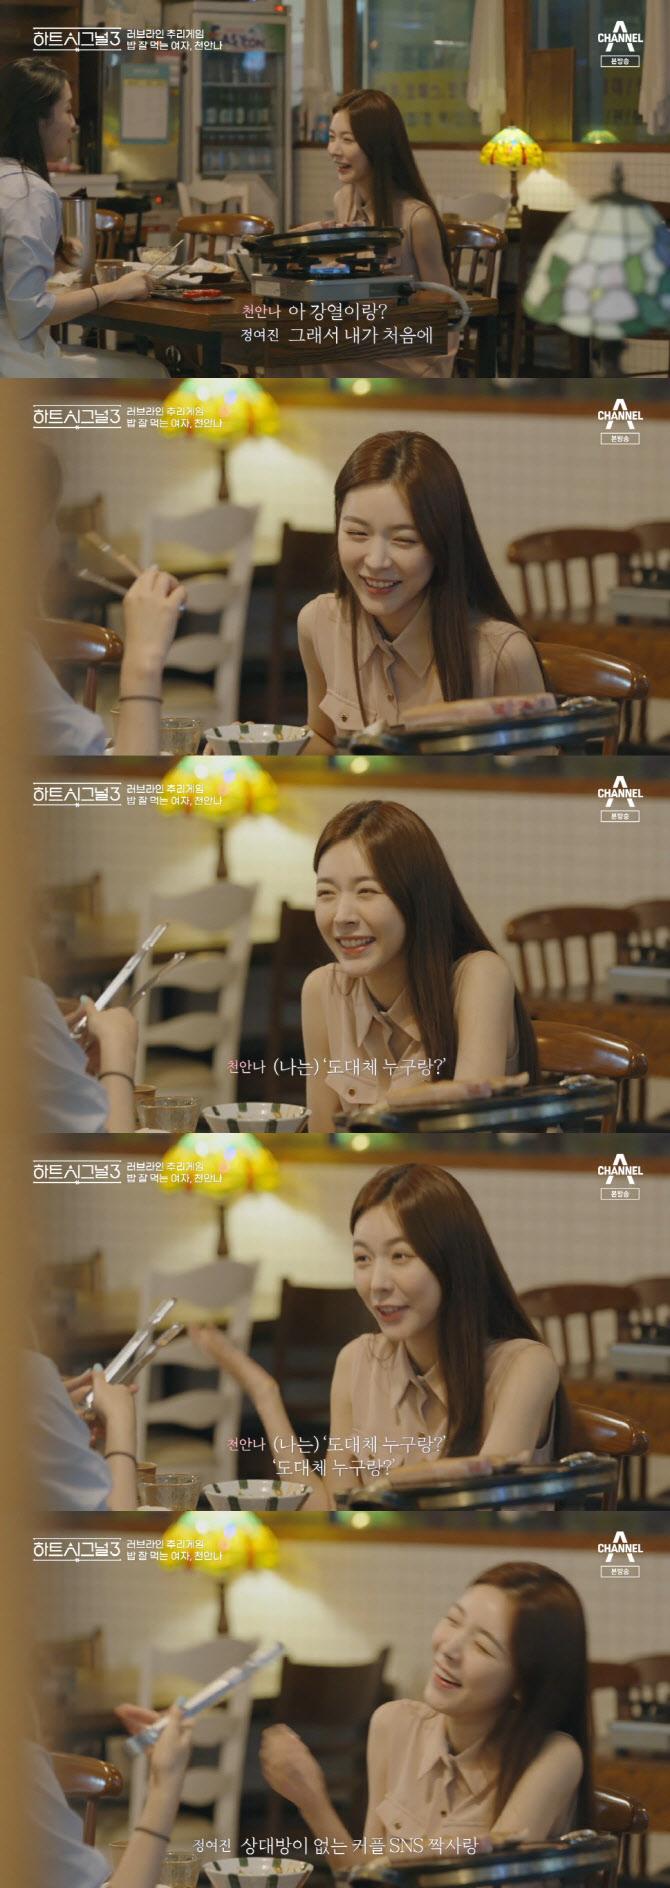 '하트시그널 시즌3' 김강열·천안나, 럽스타그램 진실 밝혔다